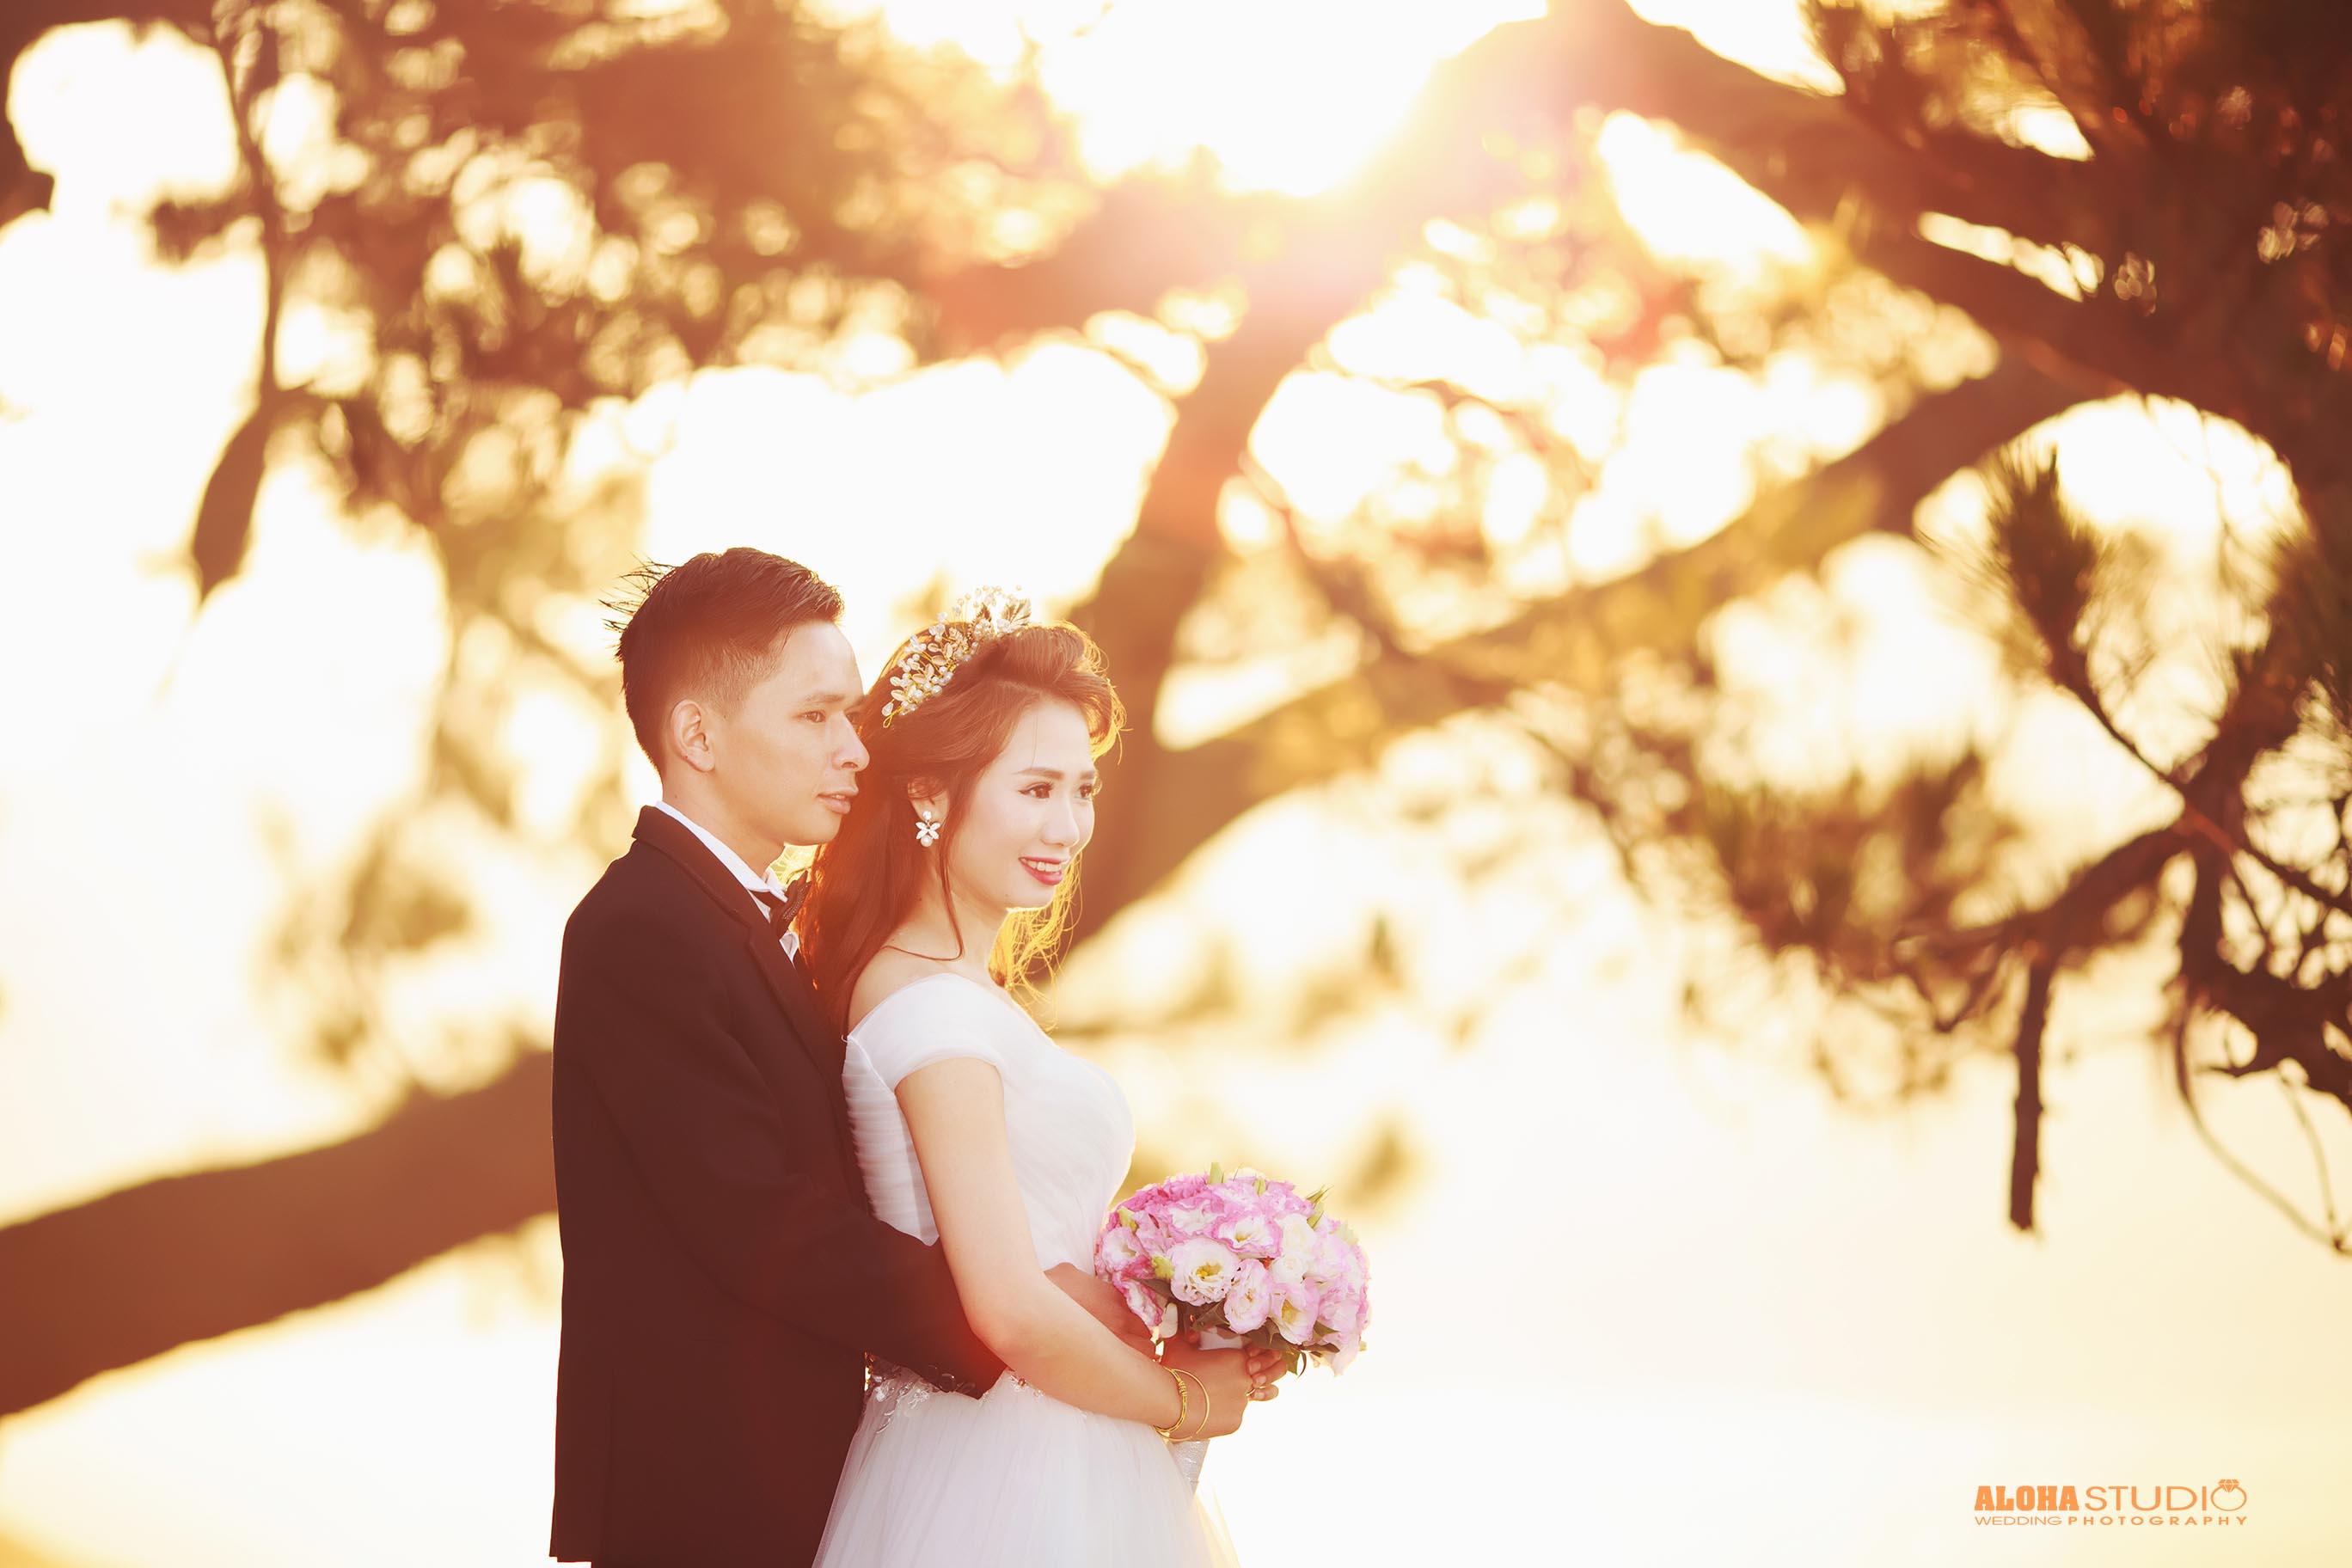 Chụp hình cưới Đà Lạt đẹp giá rẻ 2017